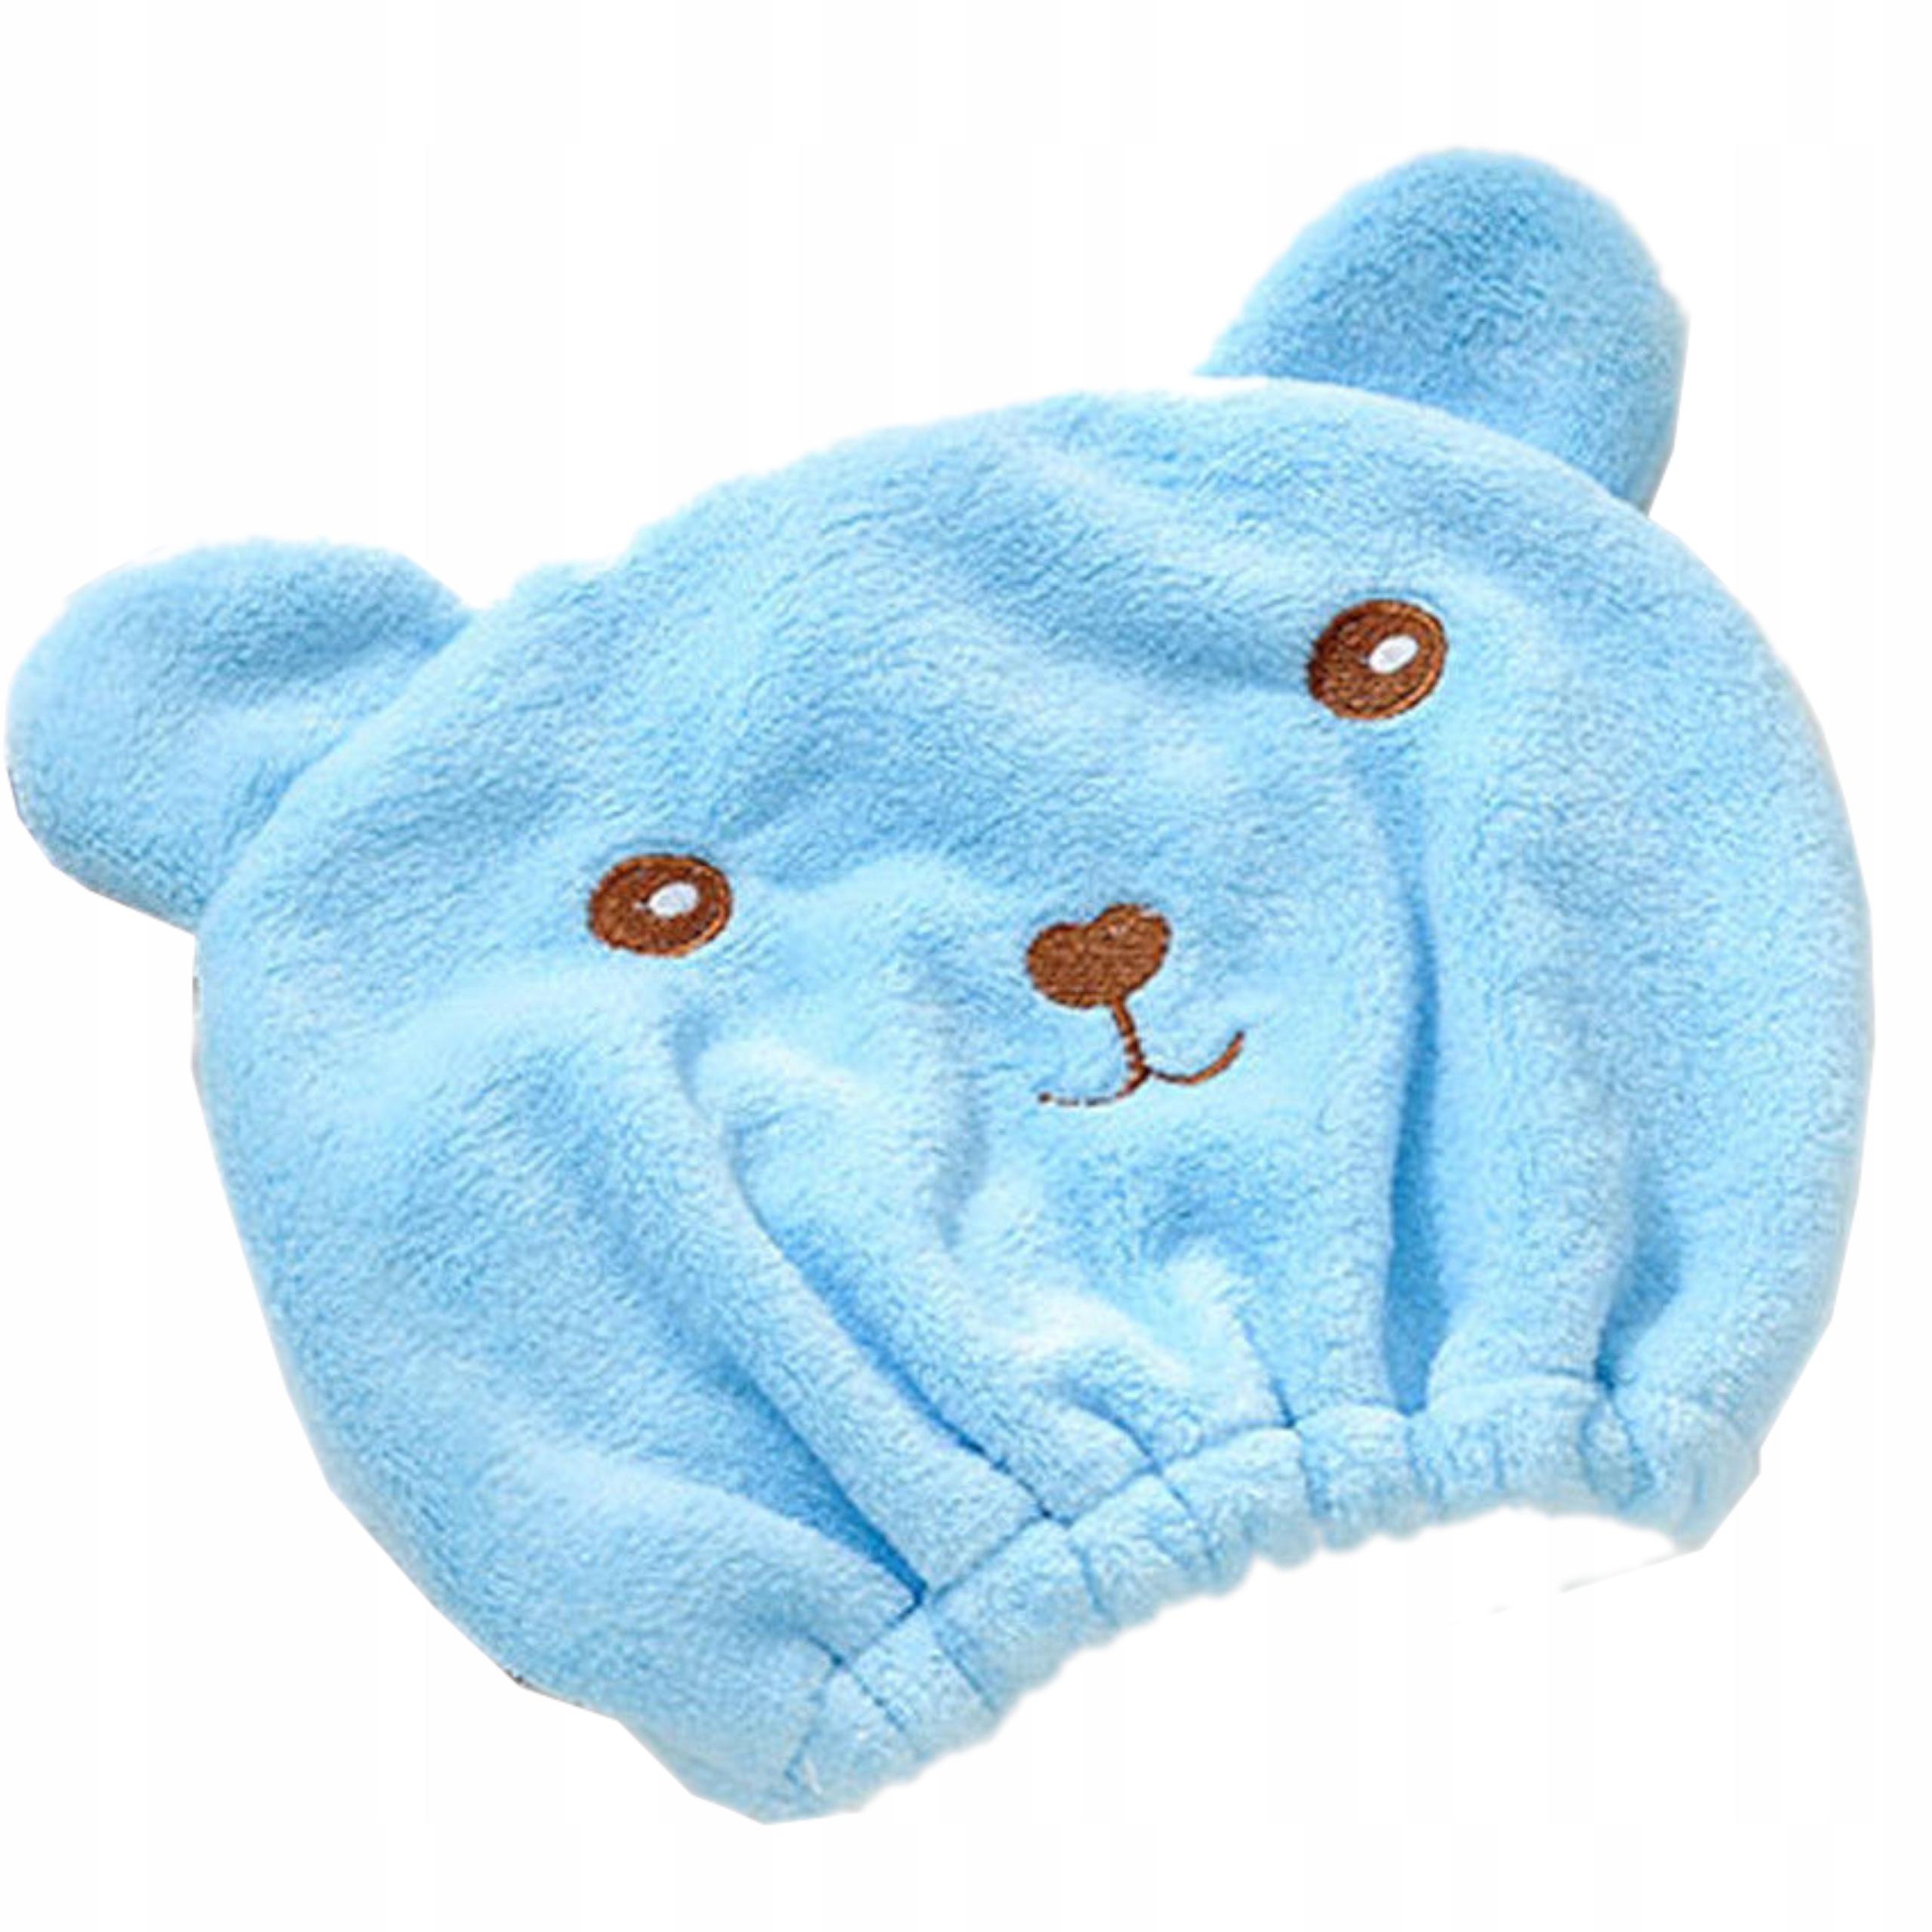 Szybkoschnący ręcznik czepek do włosów 4w1 B915N Kolor dominujący niebieski